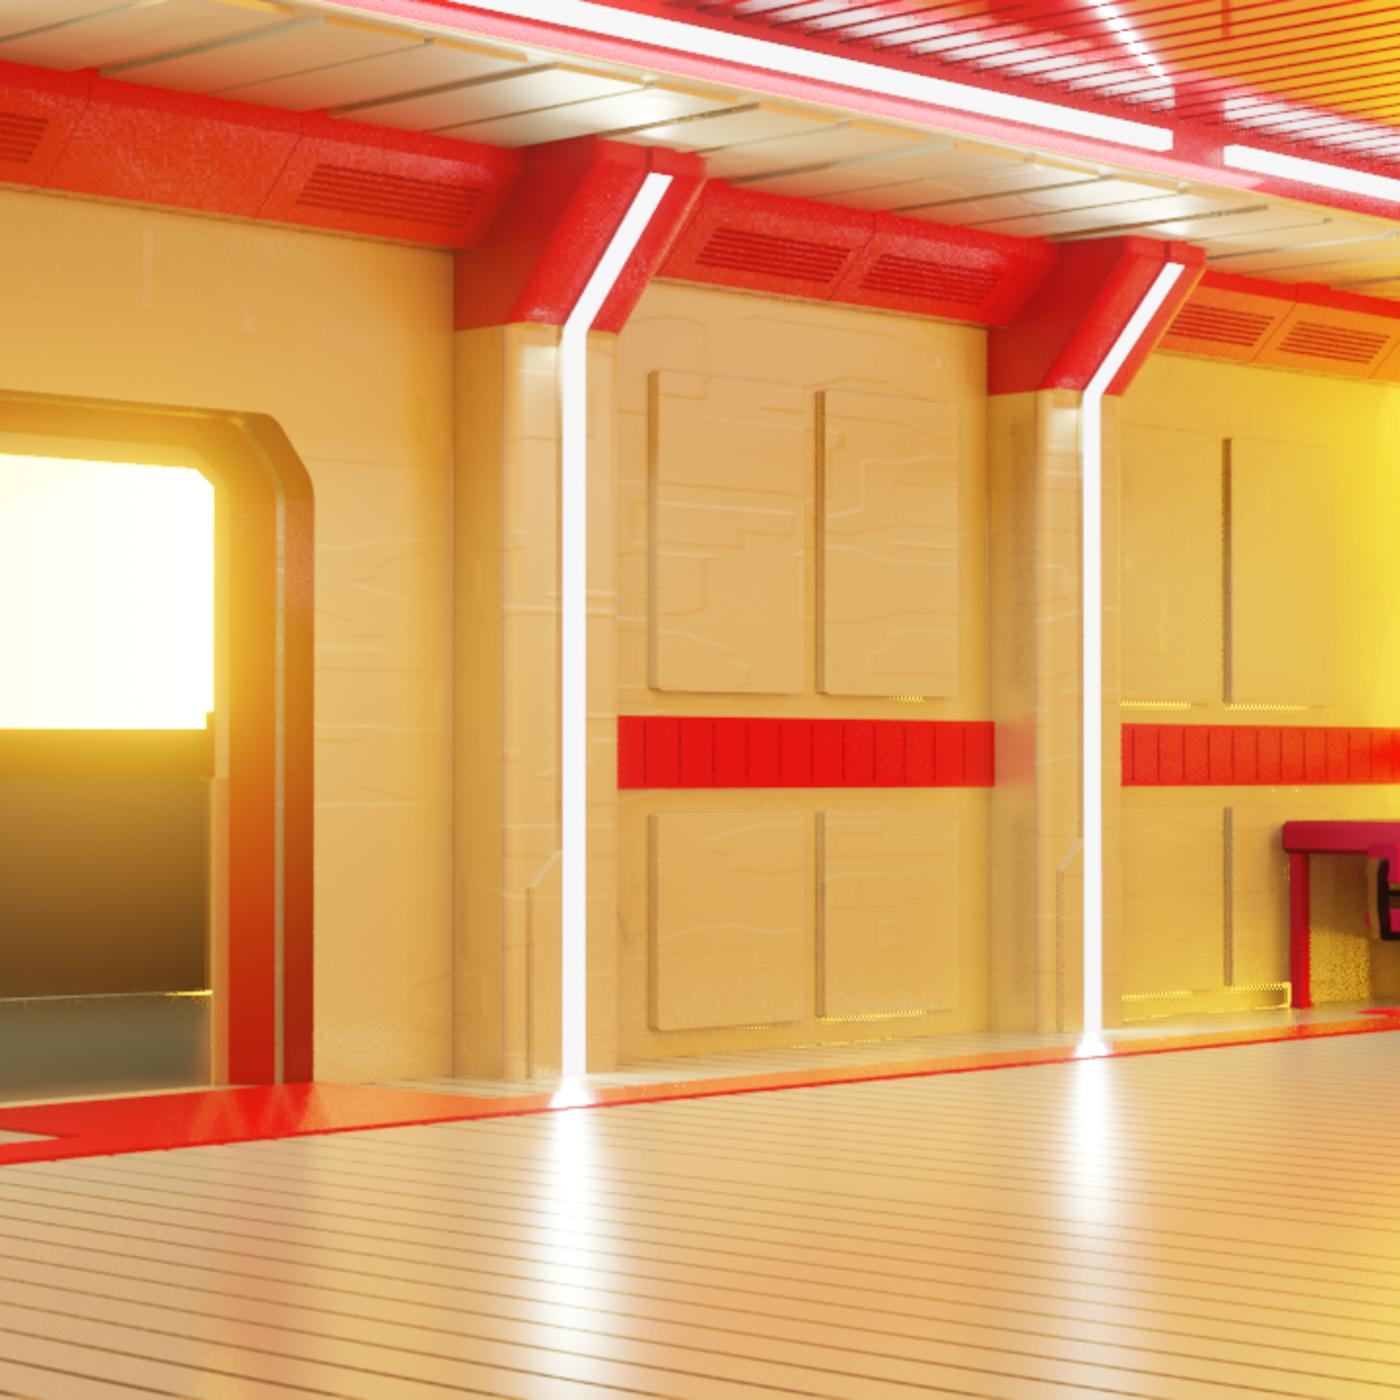 Sci Fi Apartment